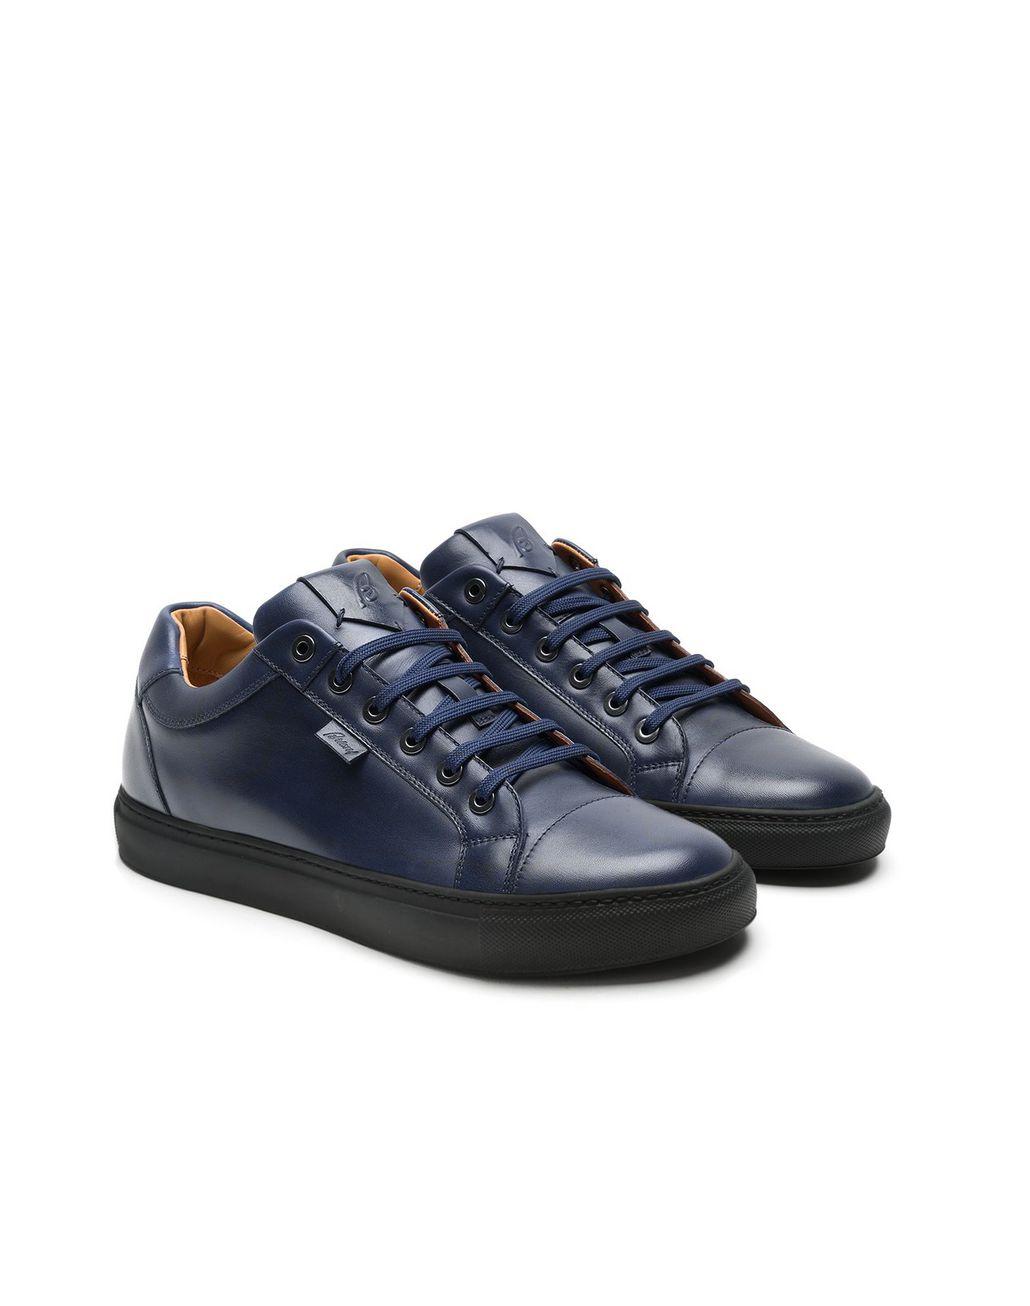 BRIONI 海军蓝色小牛皮运动鞋 运动鞋 男士 d